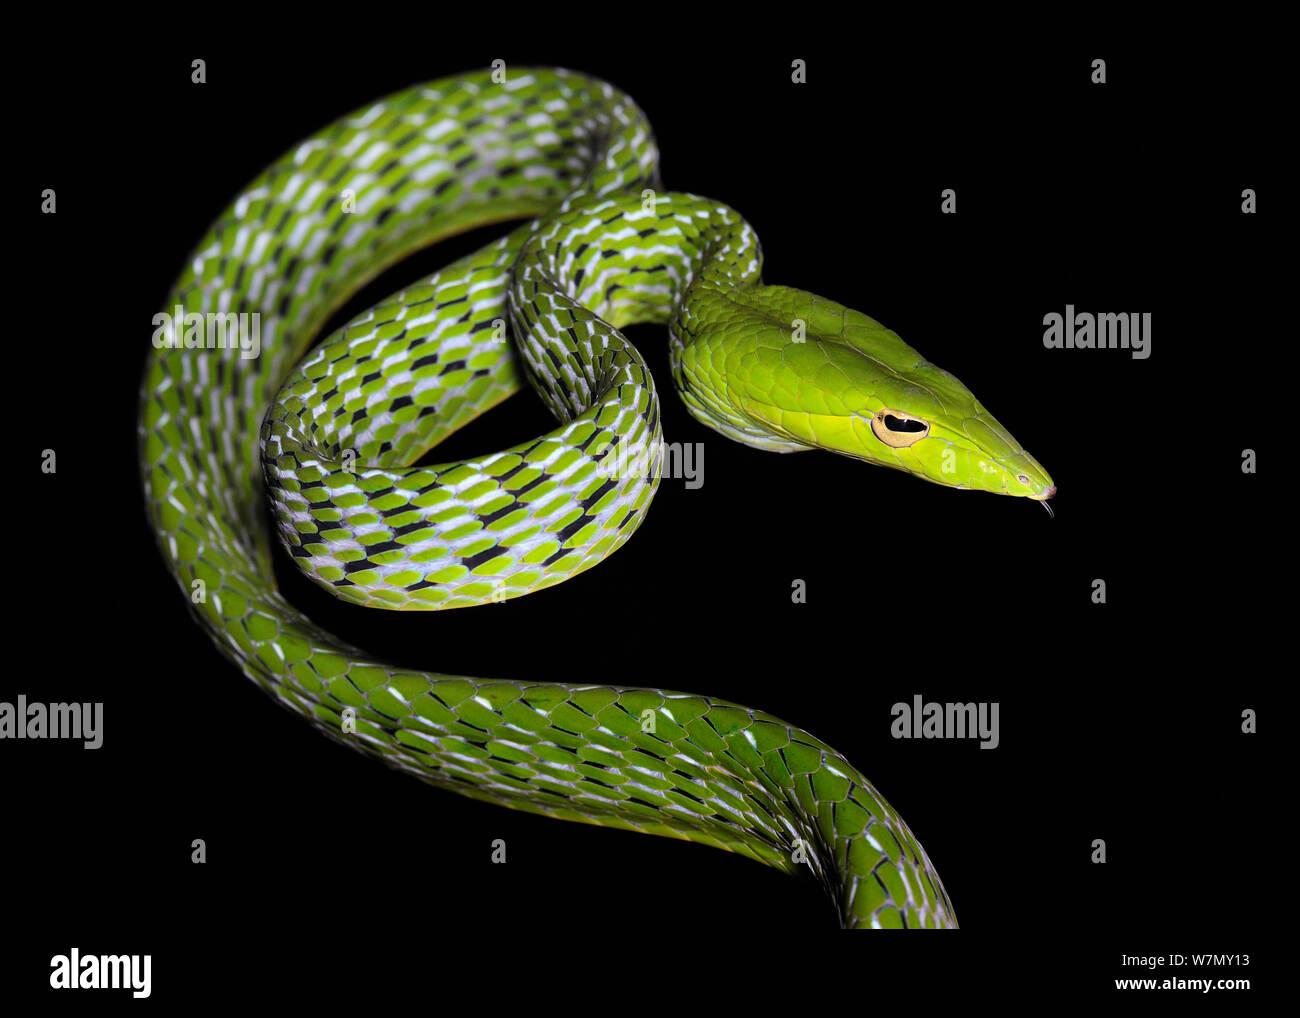 Asiatische Weinstock/Oriental peitsche Schlange (Ahaetulla prasina) unverlierbaren, aus Asien Stockfoto